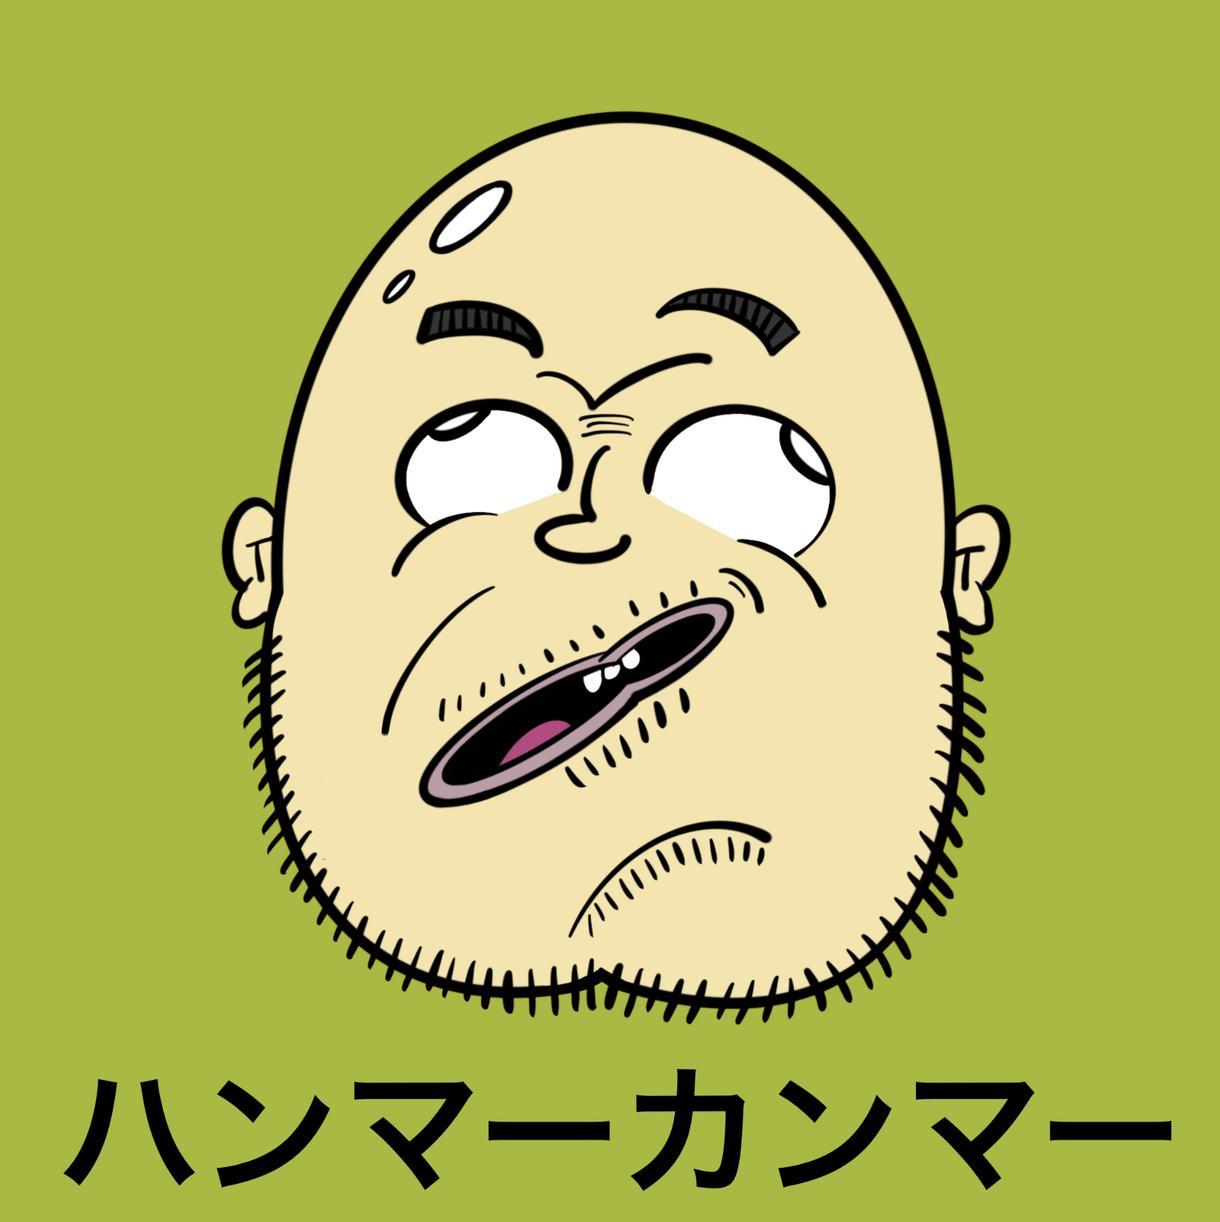 ロゴやイラストのデザインをします ポップなキャラクターデザイン!! イメージ1